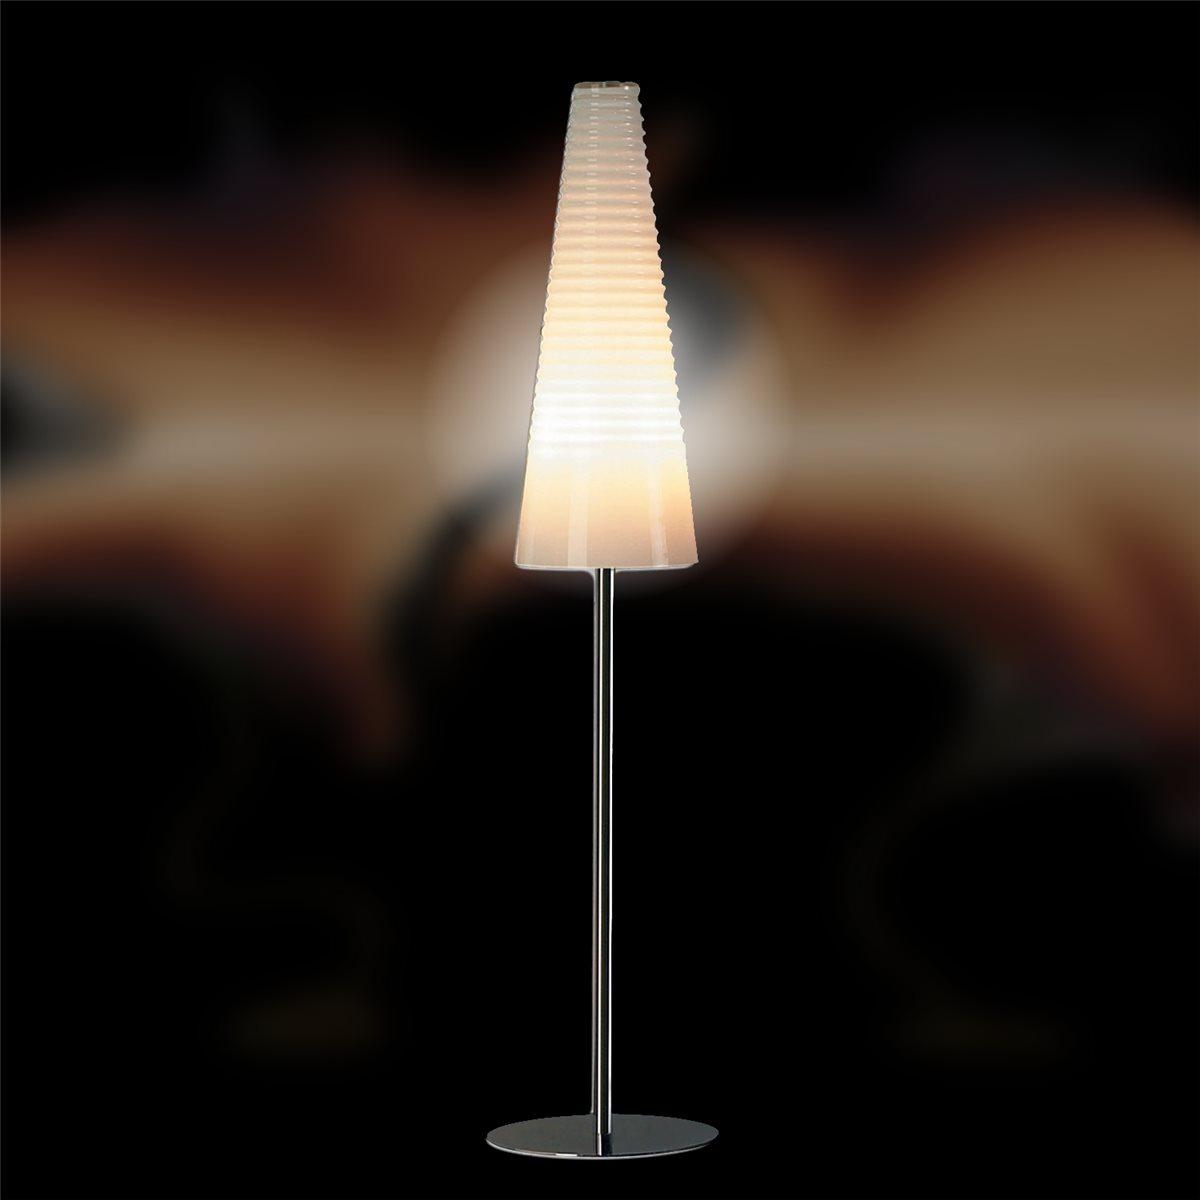 Lampenlux LED Tischlampe Tischleuchte Anja mit Glasschirm weiss G9 Höhe: 180 cm